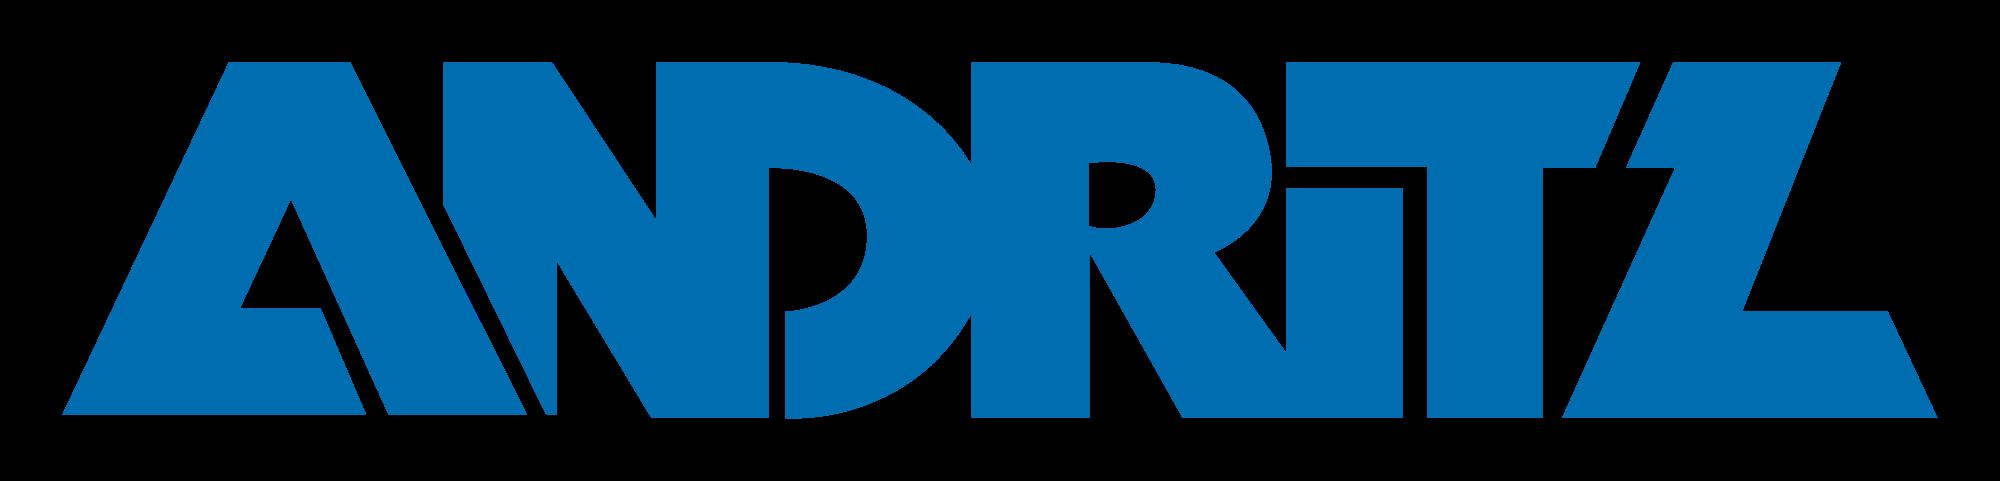 Andritz_Logo_svg